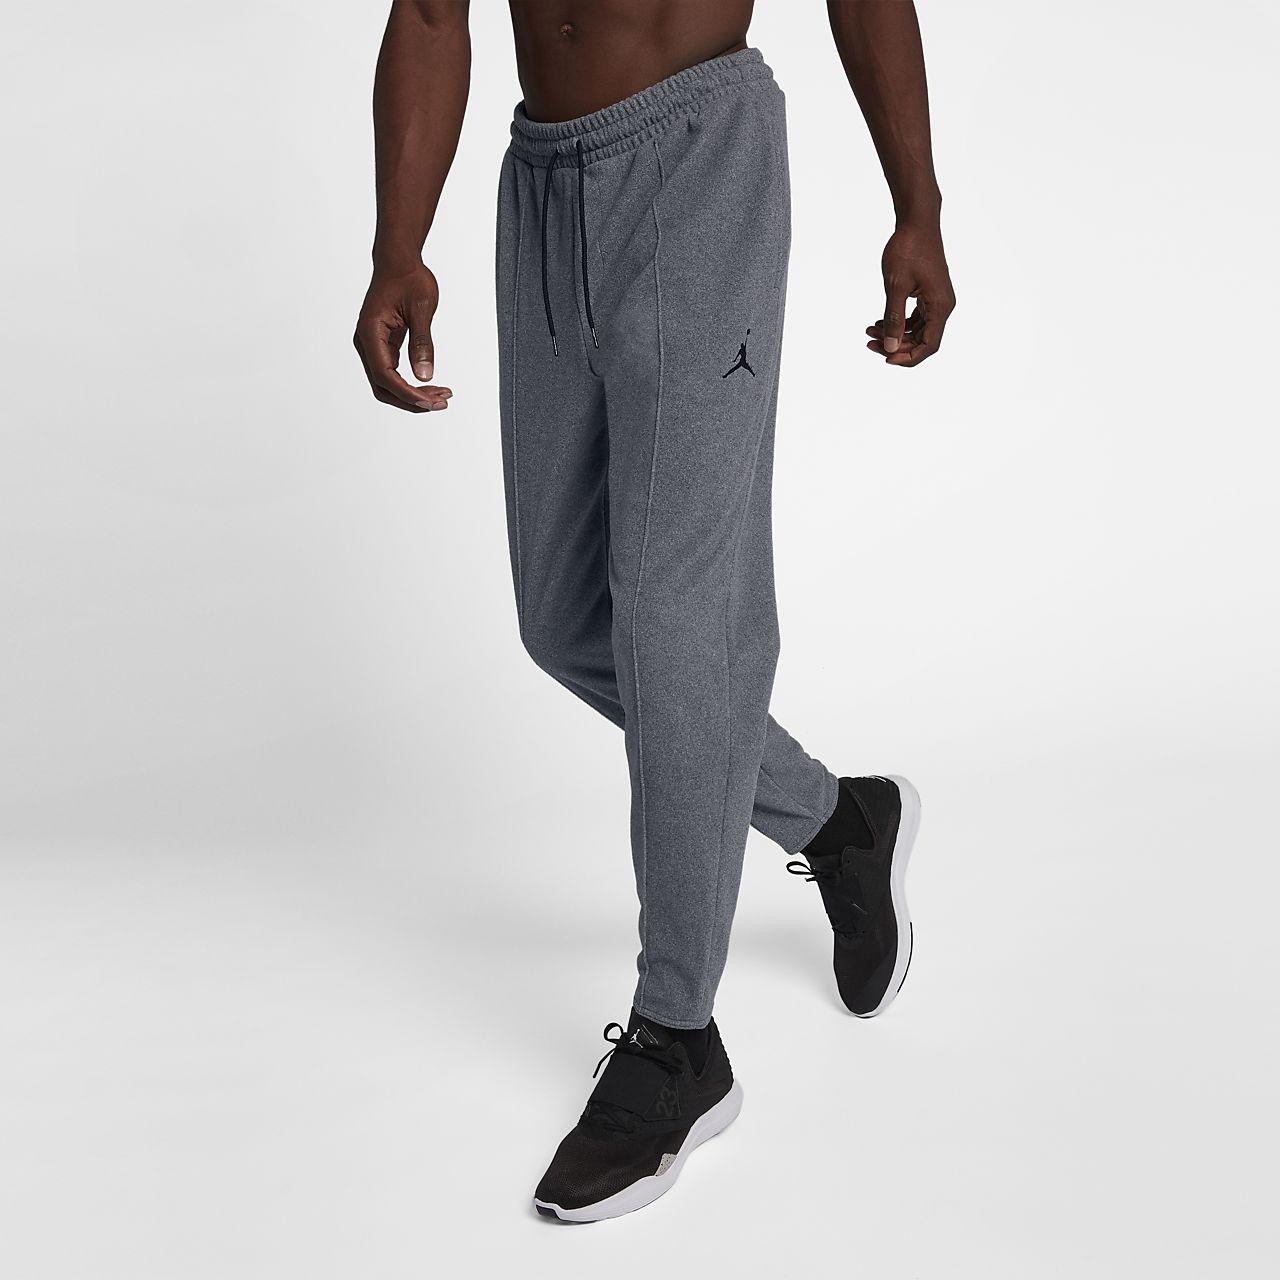 Jordan Therma 23 Alpha Pantalón de entrenamiento - Hombre. Nike.com ES d3c61b424e5ed